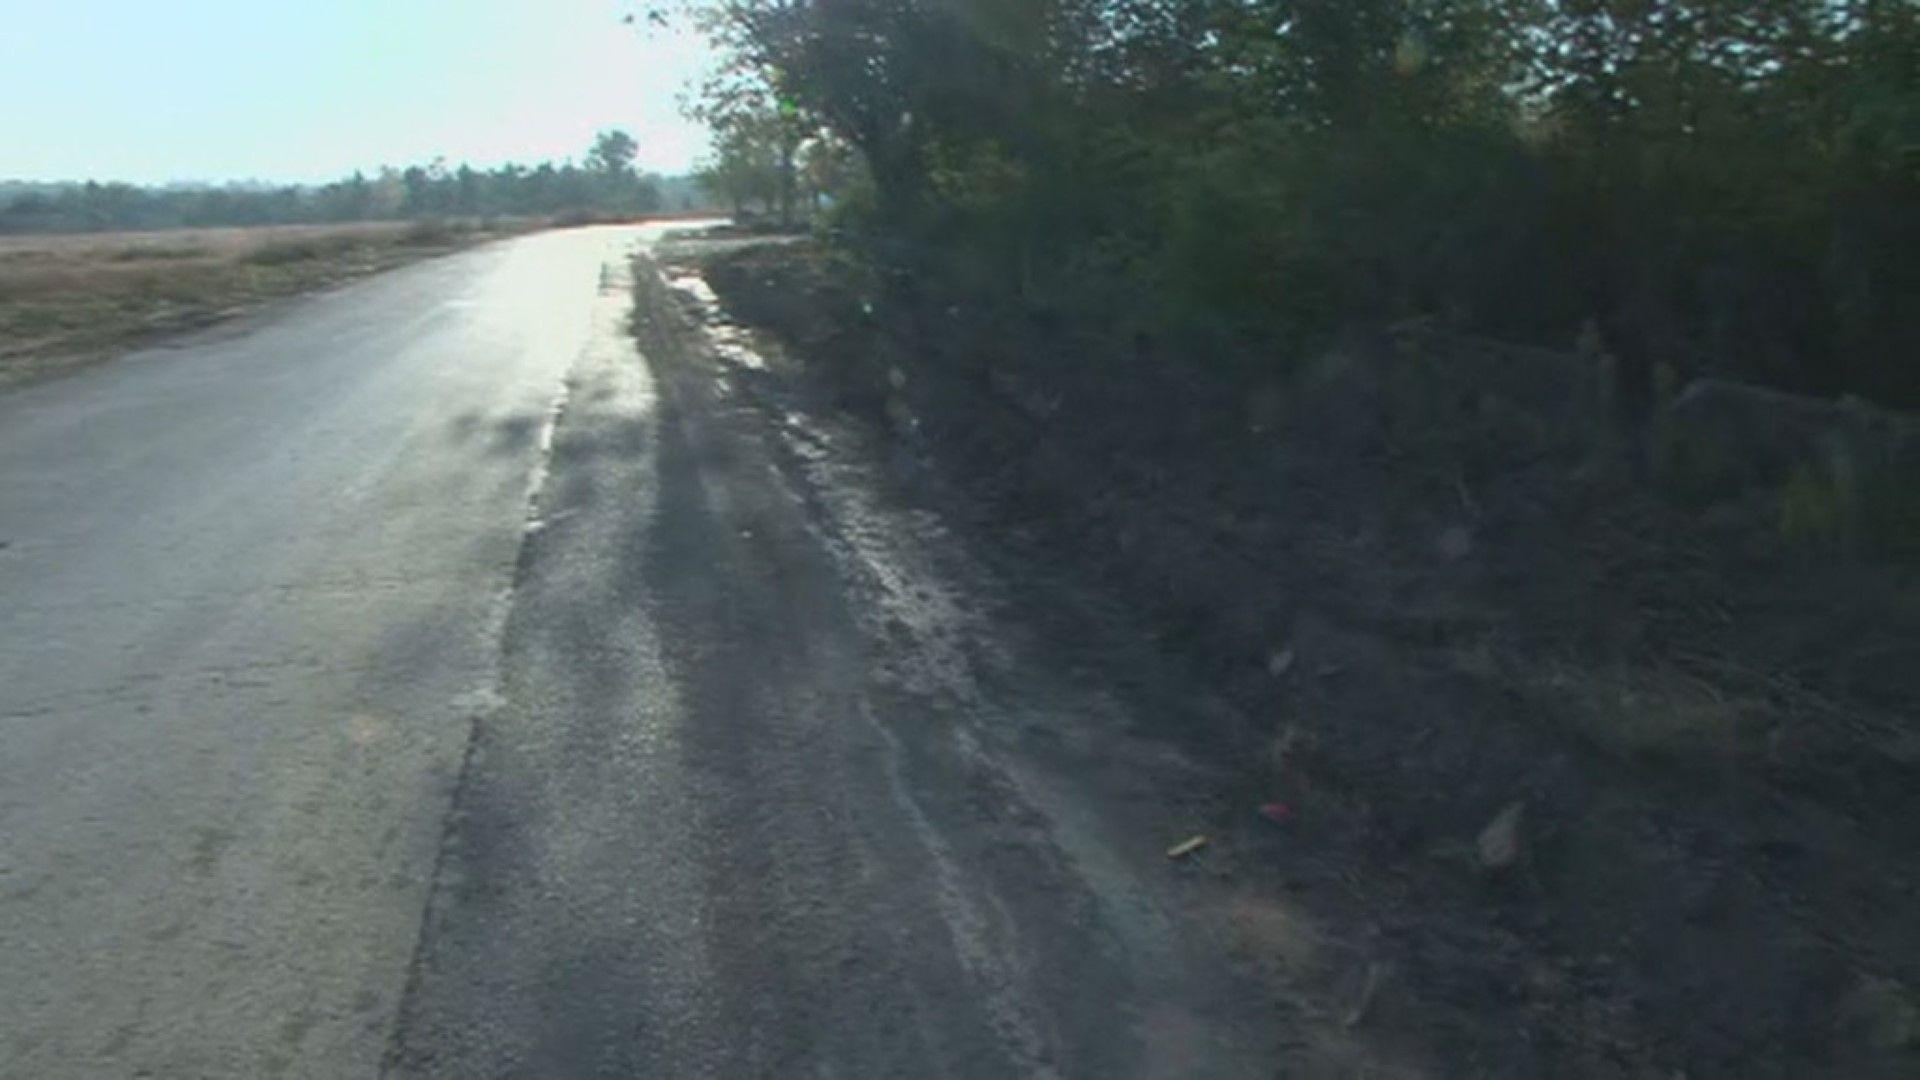 Тежка техника заличила следите от катастрофата в Търнак